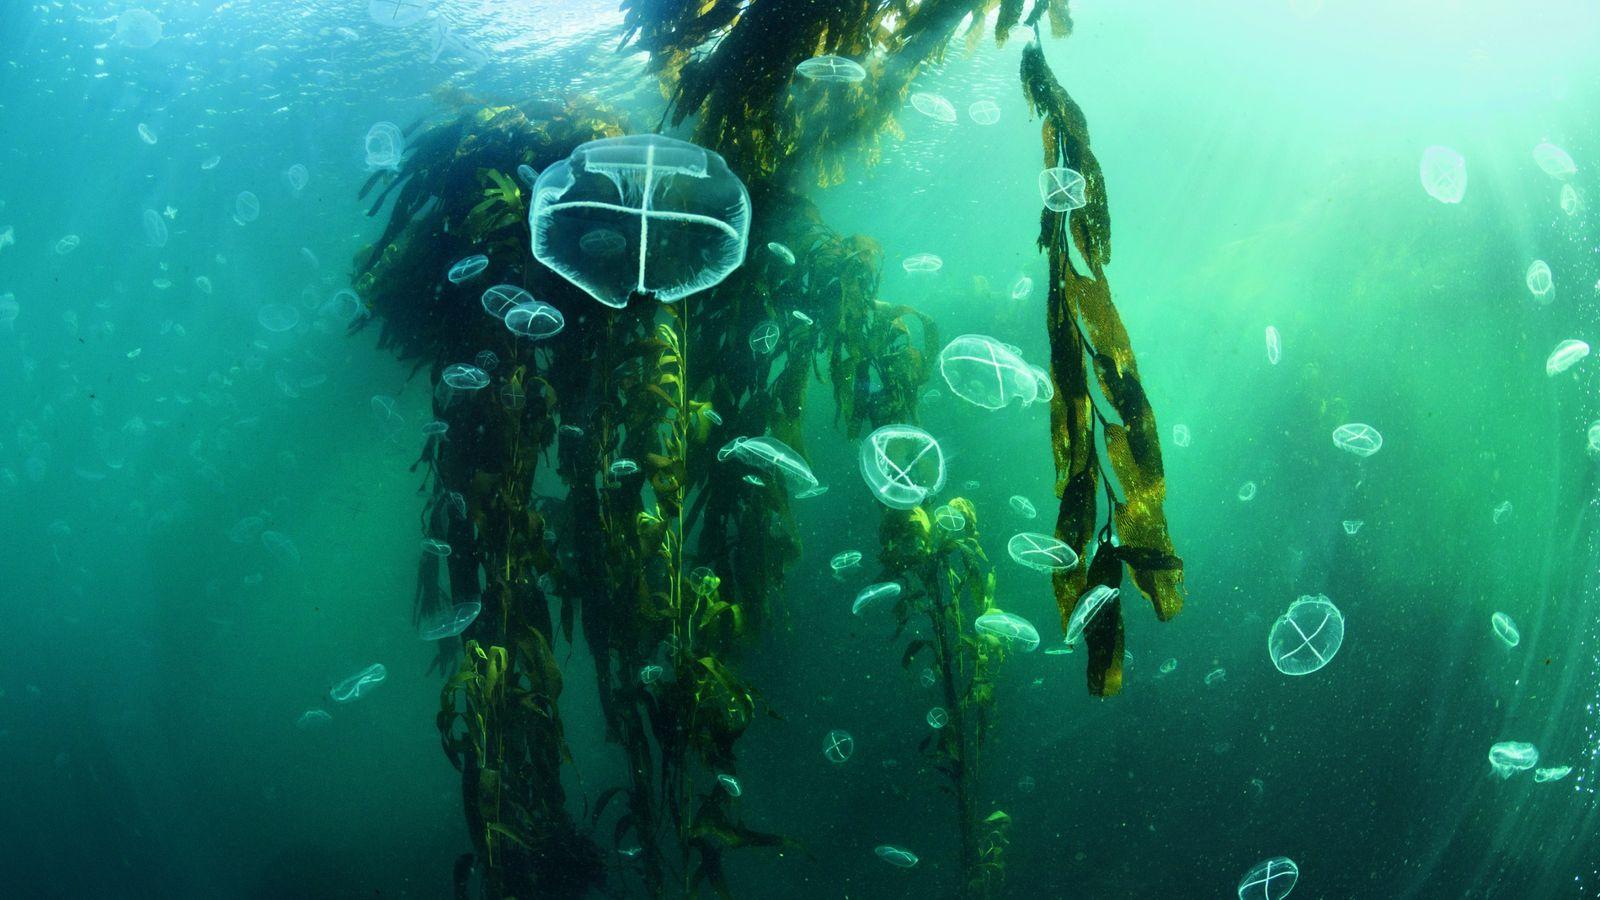 Des méduses flottent parmi les frondaisons d'une forêt de kelp, au large de l'île des États, ...